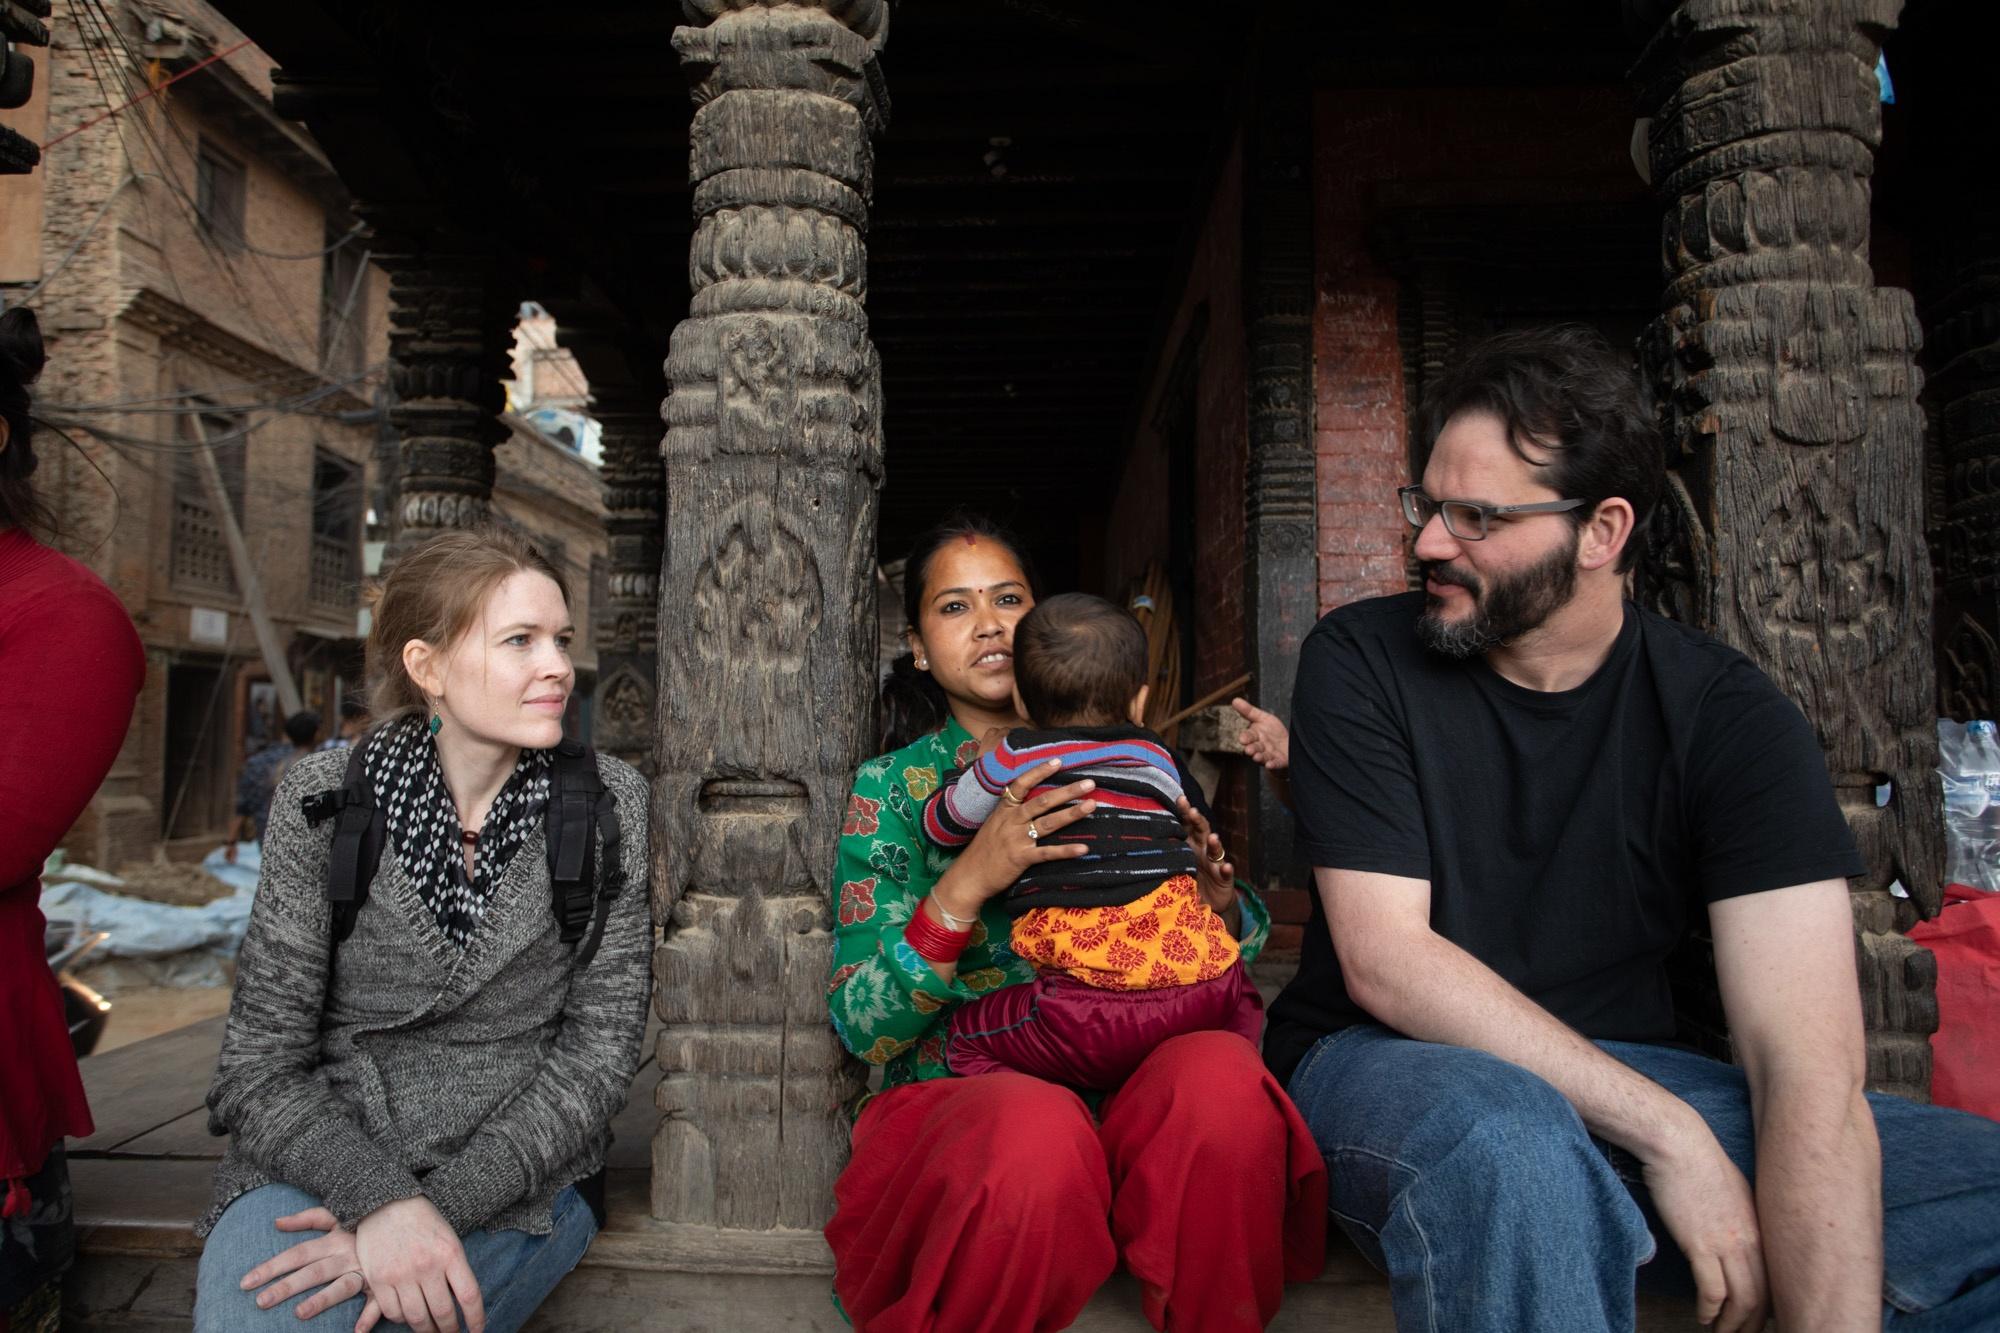 nepal_2019_unbearbeitet_foto.seweryn_zelazny-9185.jpg